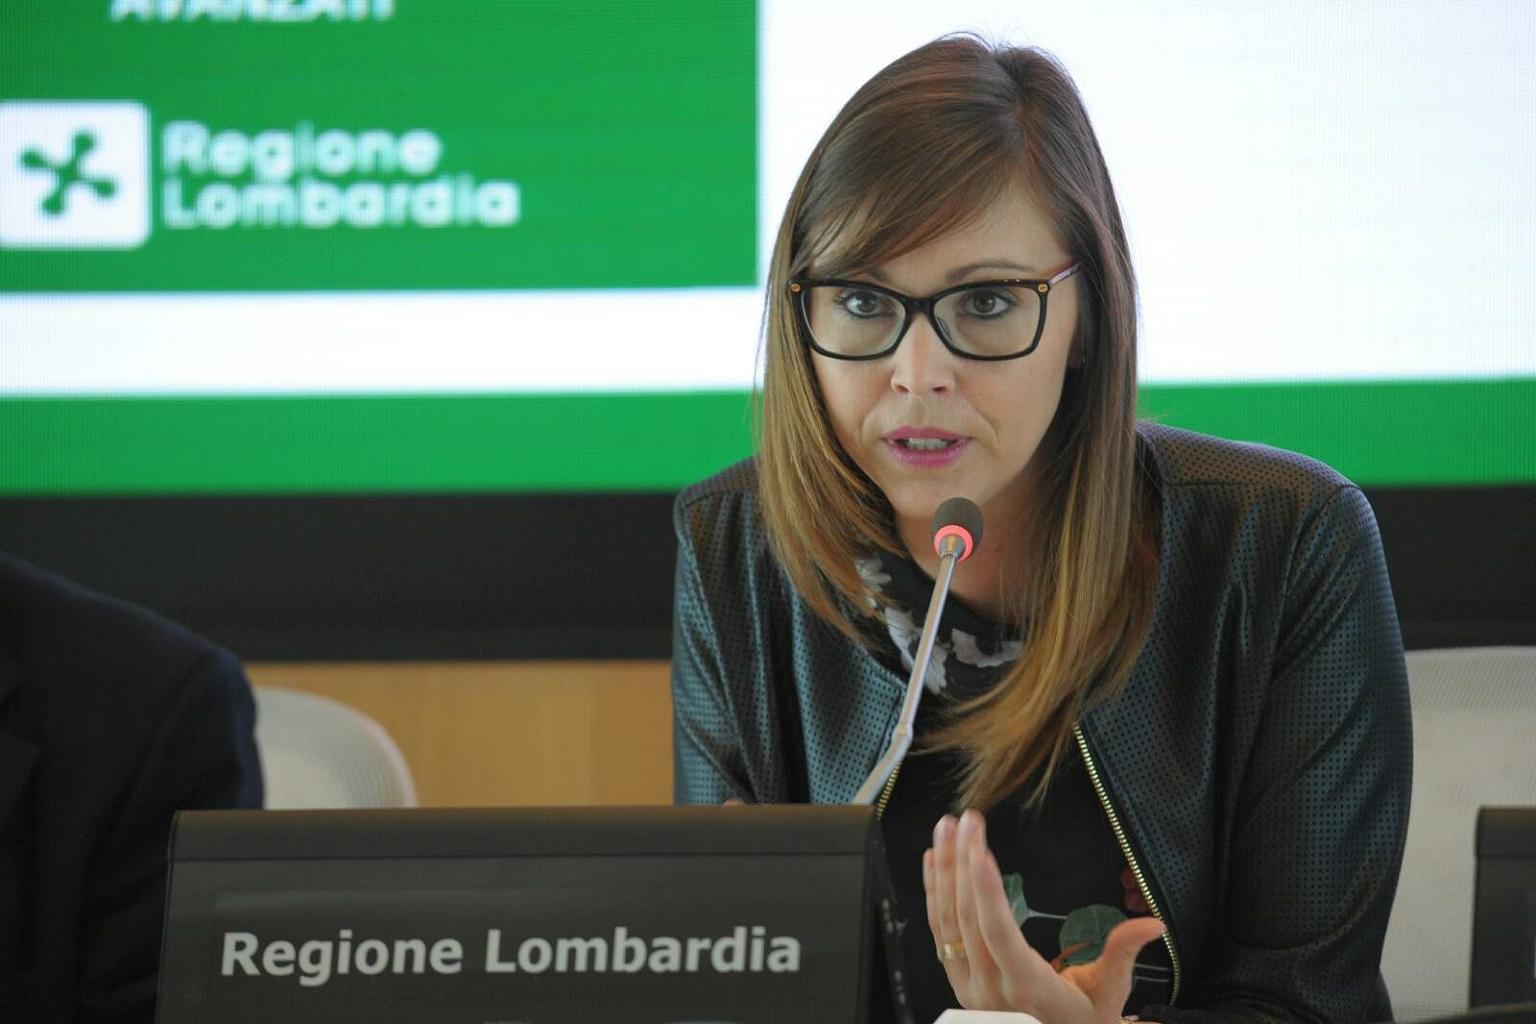 accessibilità servizi e orari flessibili - Ass. Silvia Piani